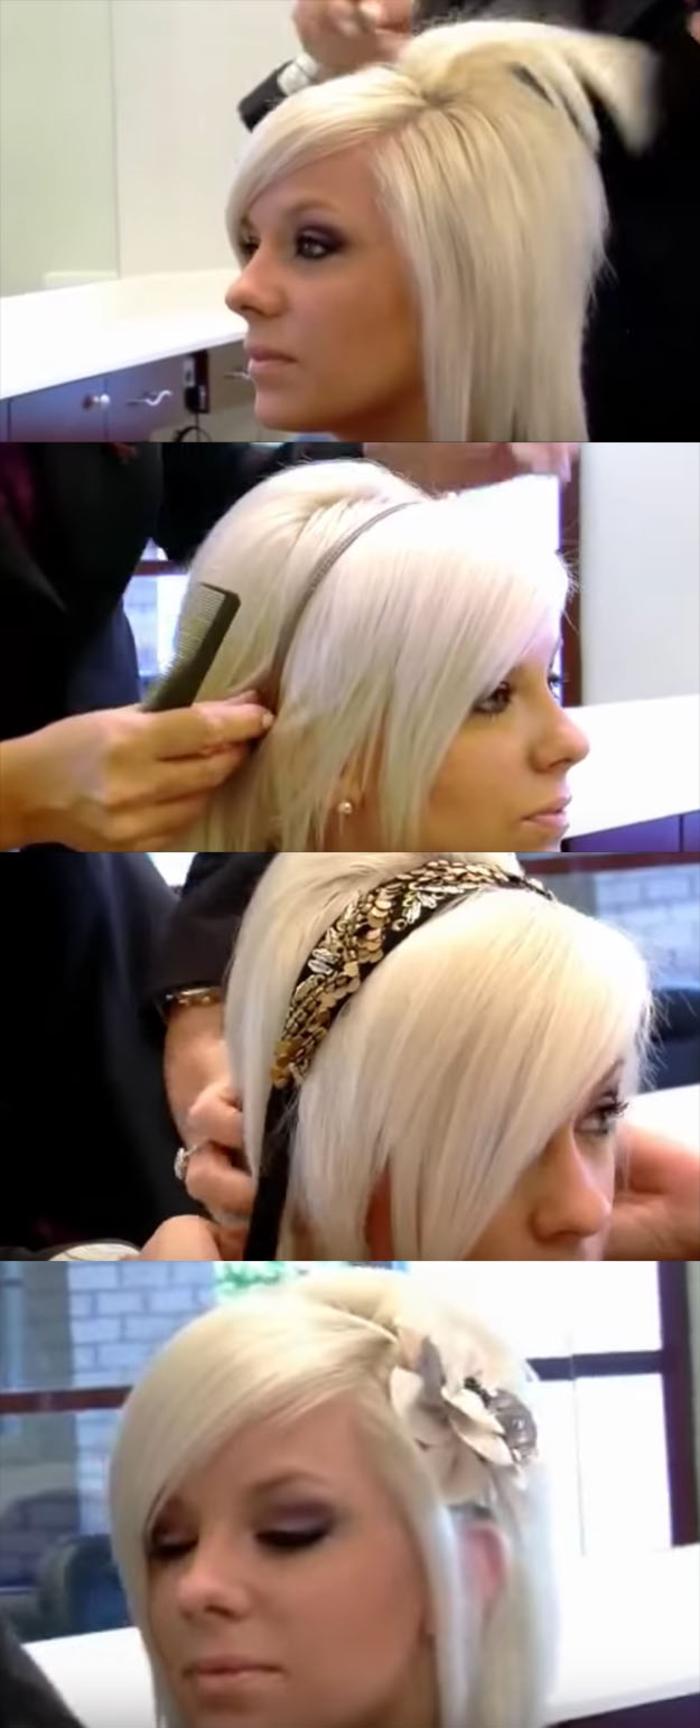 vier verschiedene Weise blonde Haare wie zu frisieren mit Haarschmuck